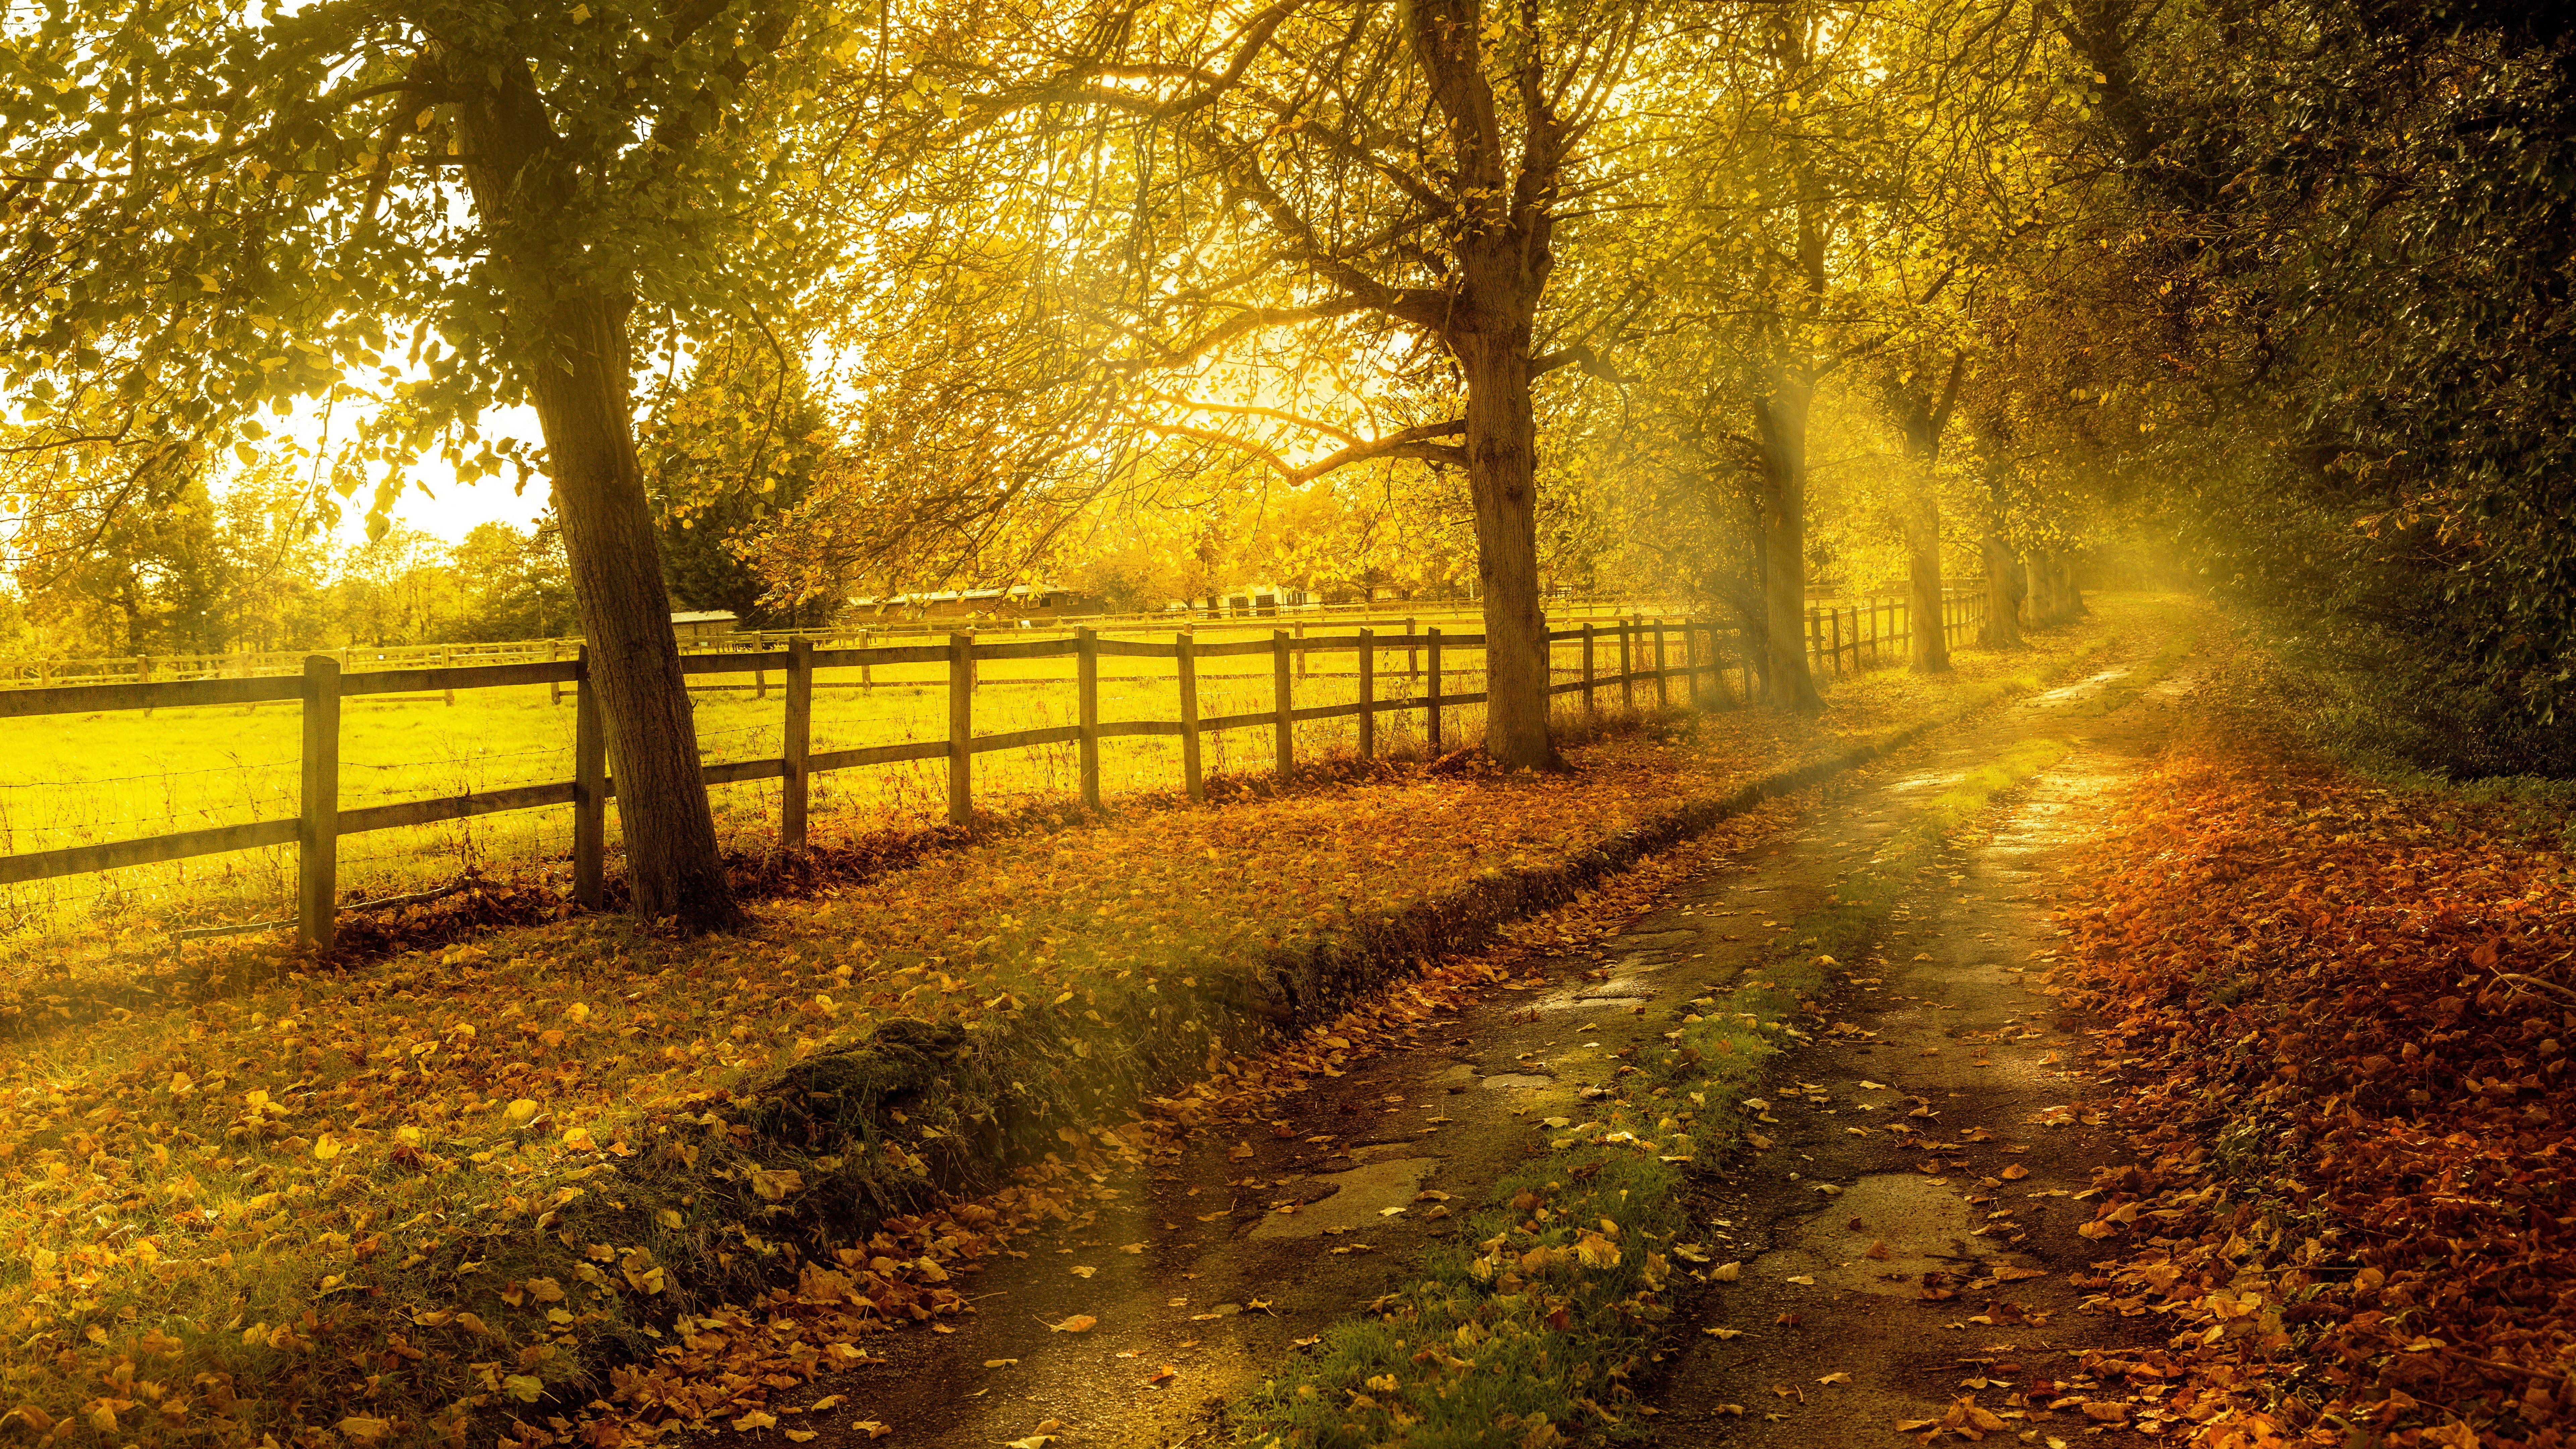 8K Landscape Wallpapers - Top Free 8K Landscape ...